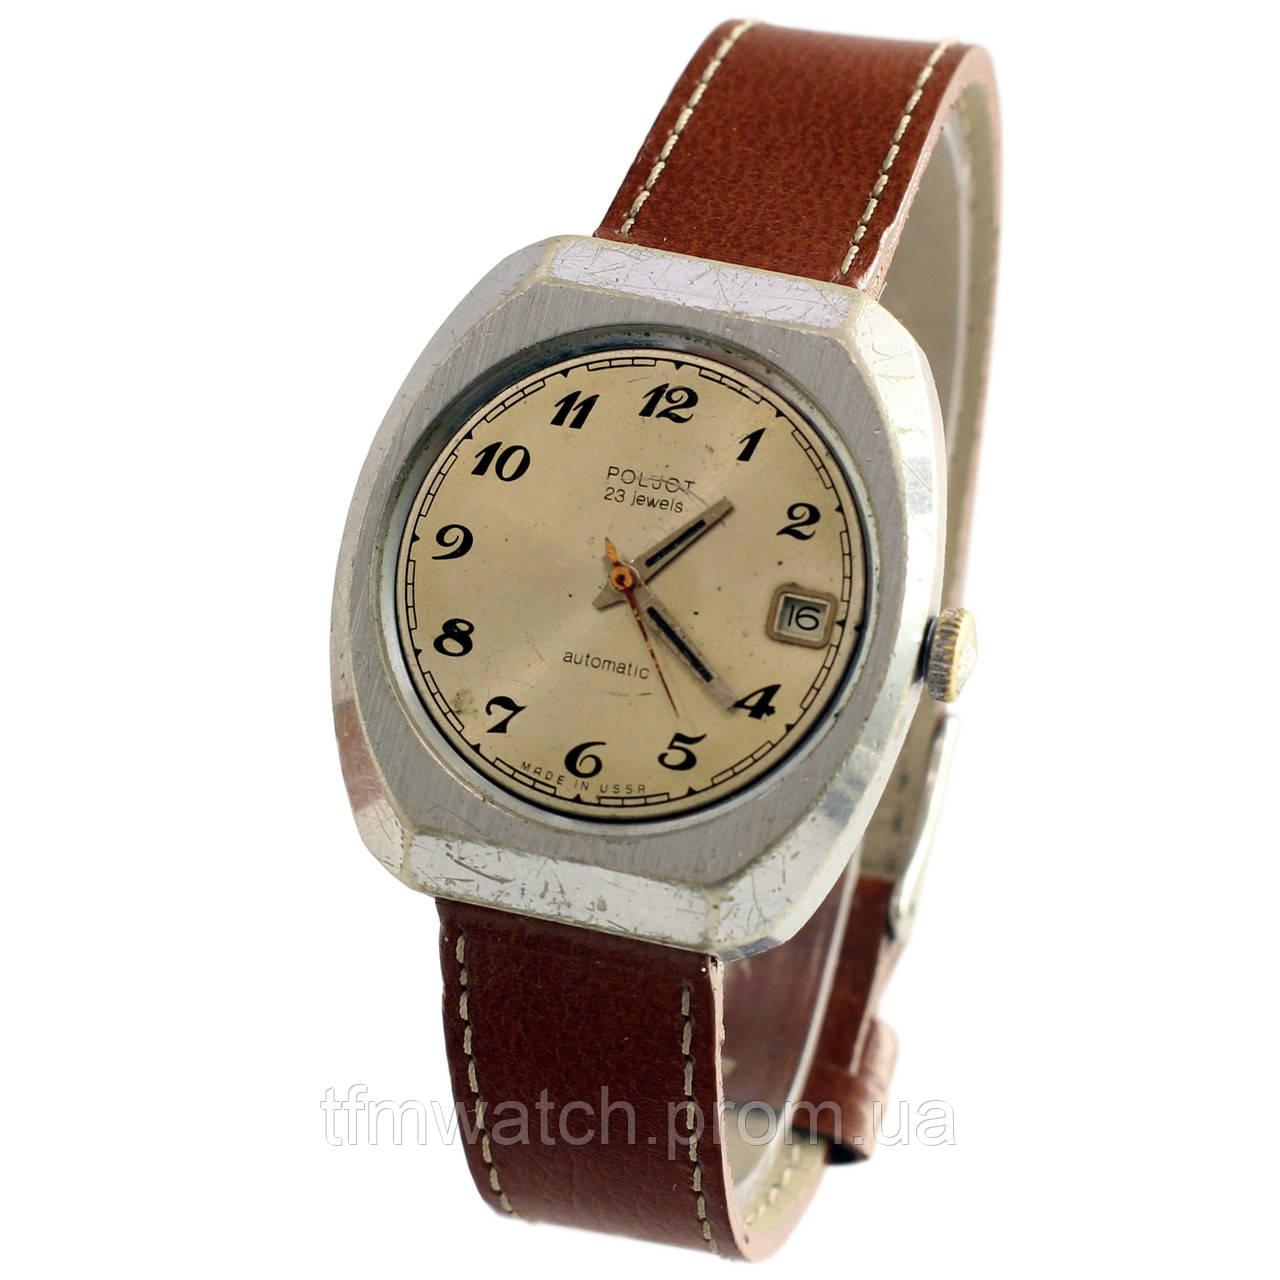 Jewels 23 часы продам poljot ломбард киевской часовой на